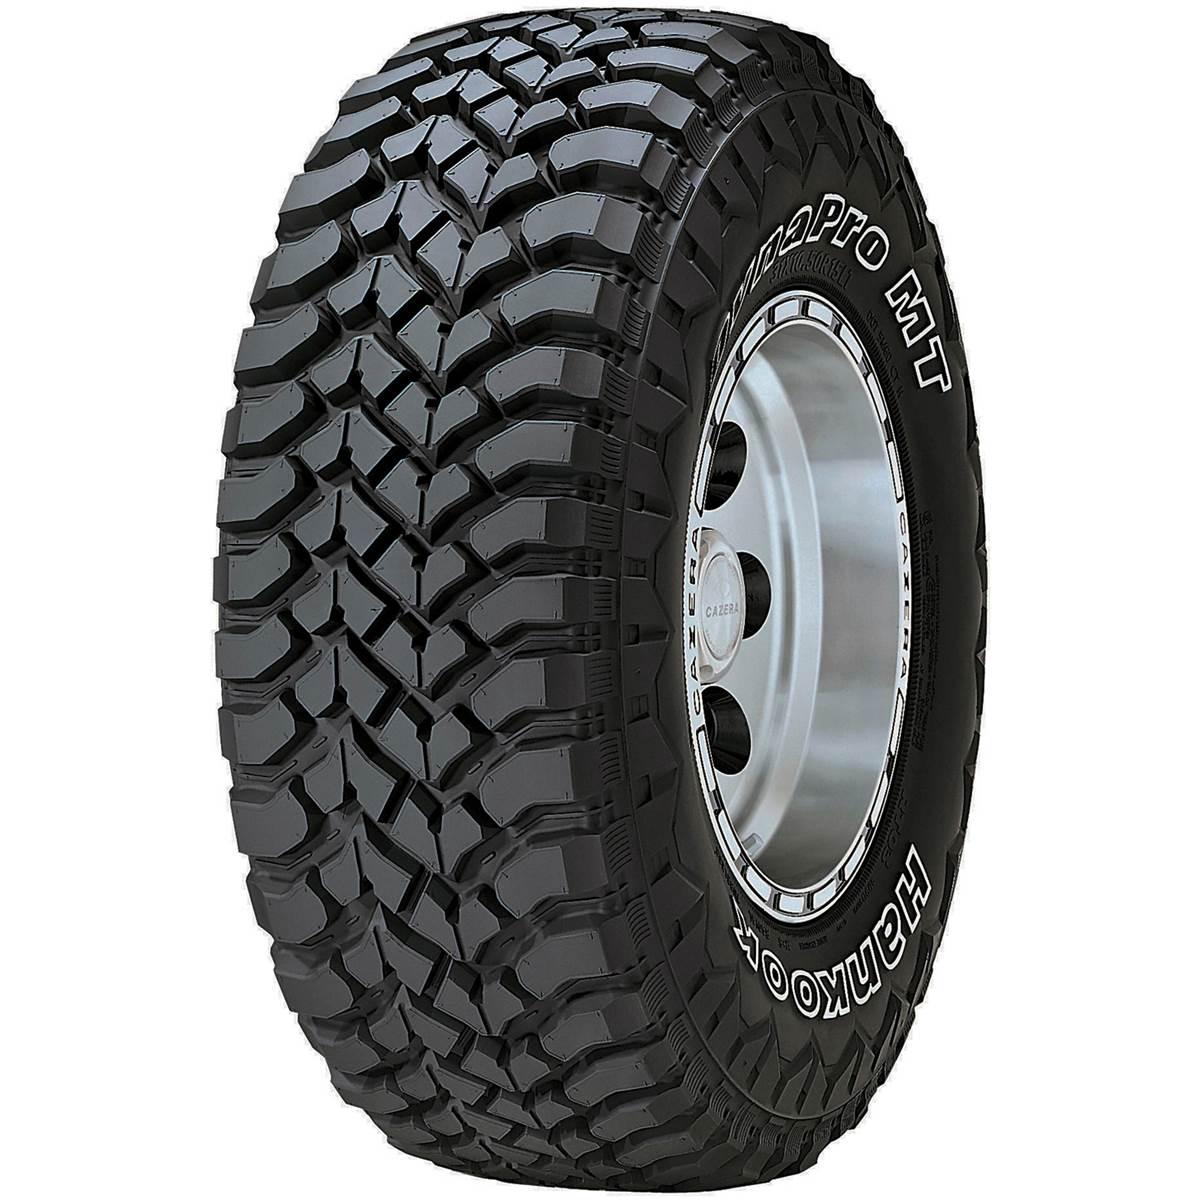 pneu hankook dynapro mt rt03 moins cher sur pneu pas cher. Black Bedroom Furniture Sets. Home Design Ideas